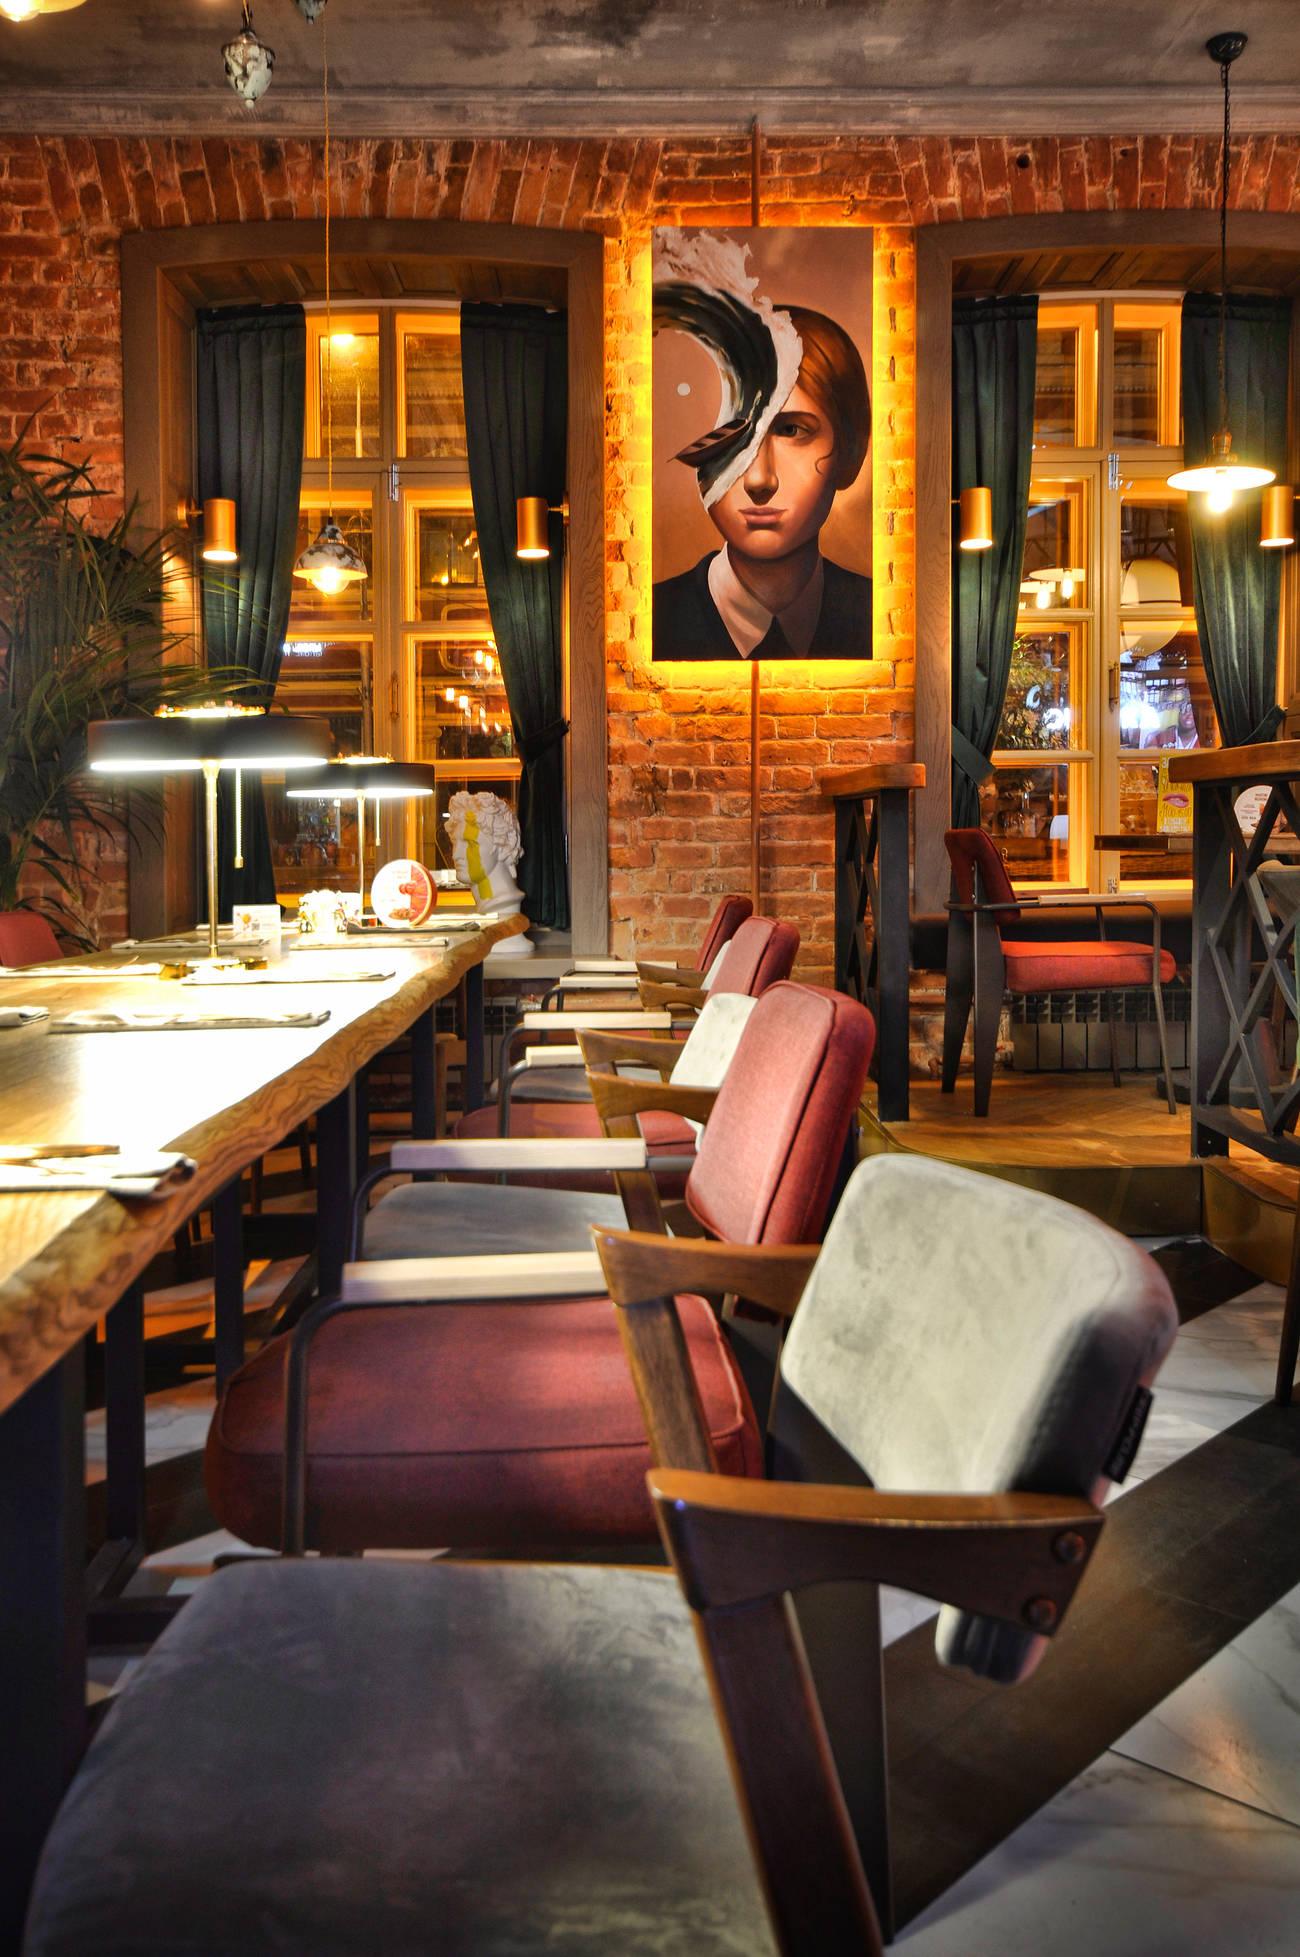 Robbi cafe italiano